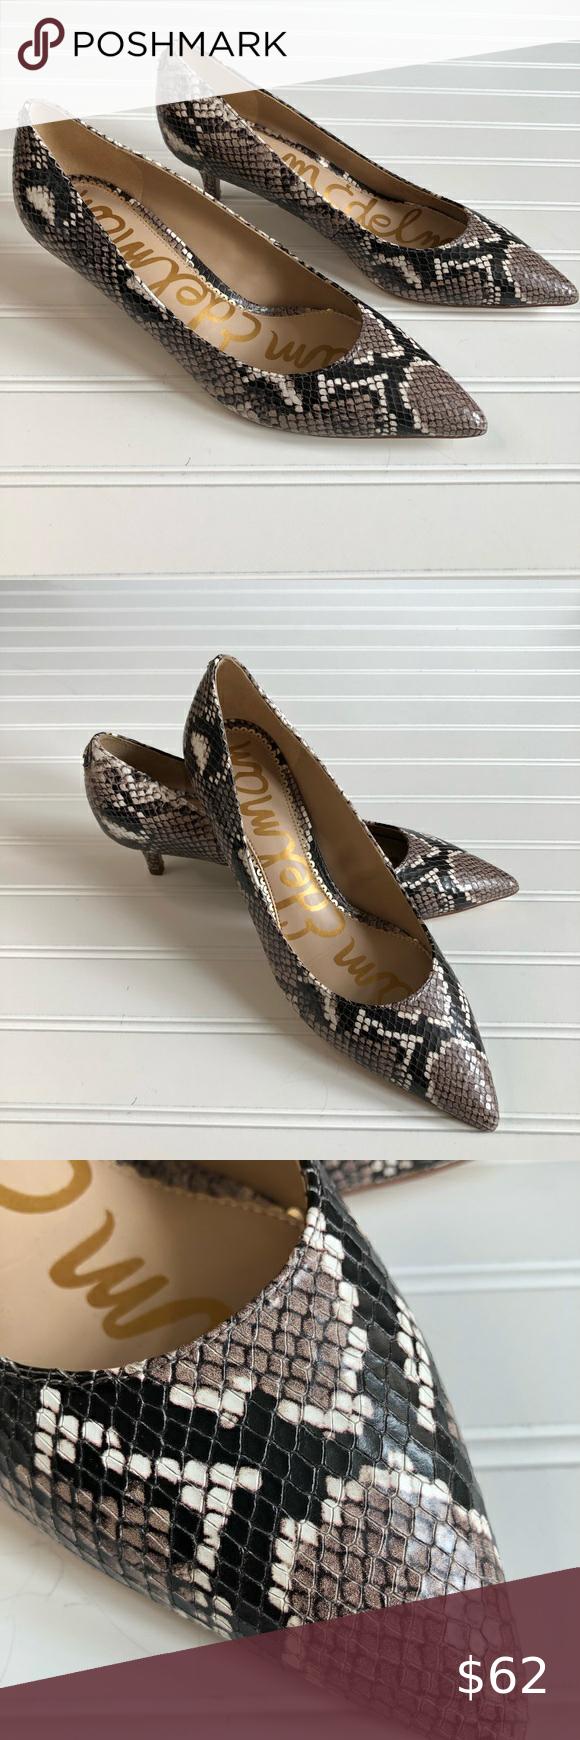 Sam Edelman Nwob Dori Kitten Heel Sz 7 5 In 2020 Kitten Heels Heels Shoes Women Heels